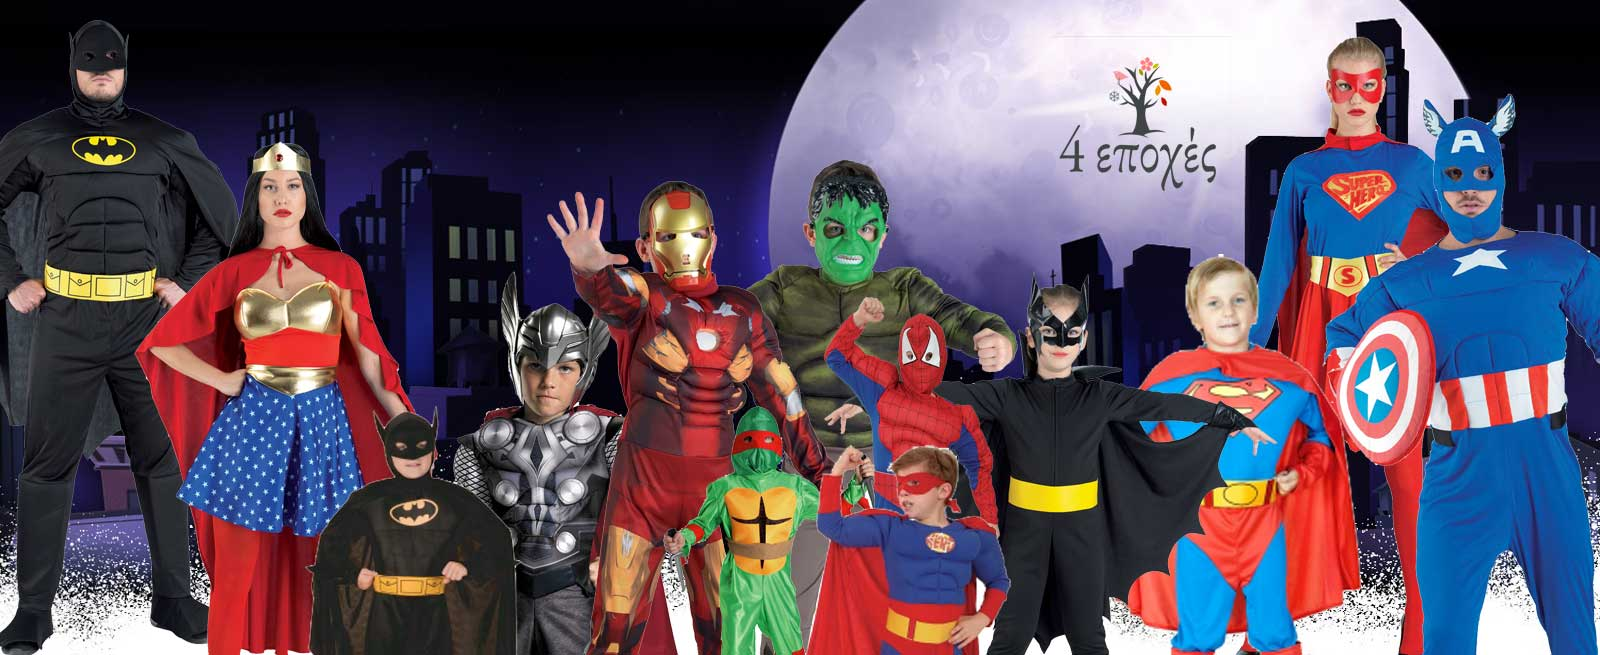 Αποκριάτικες στολές για σούπερ ήρωες